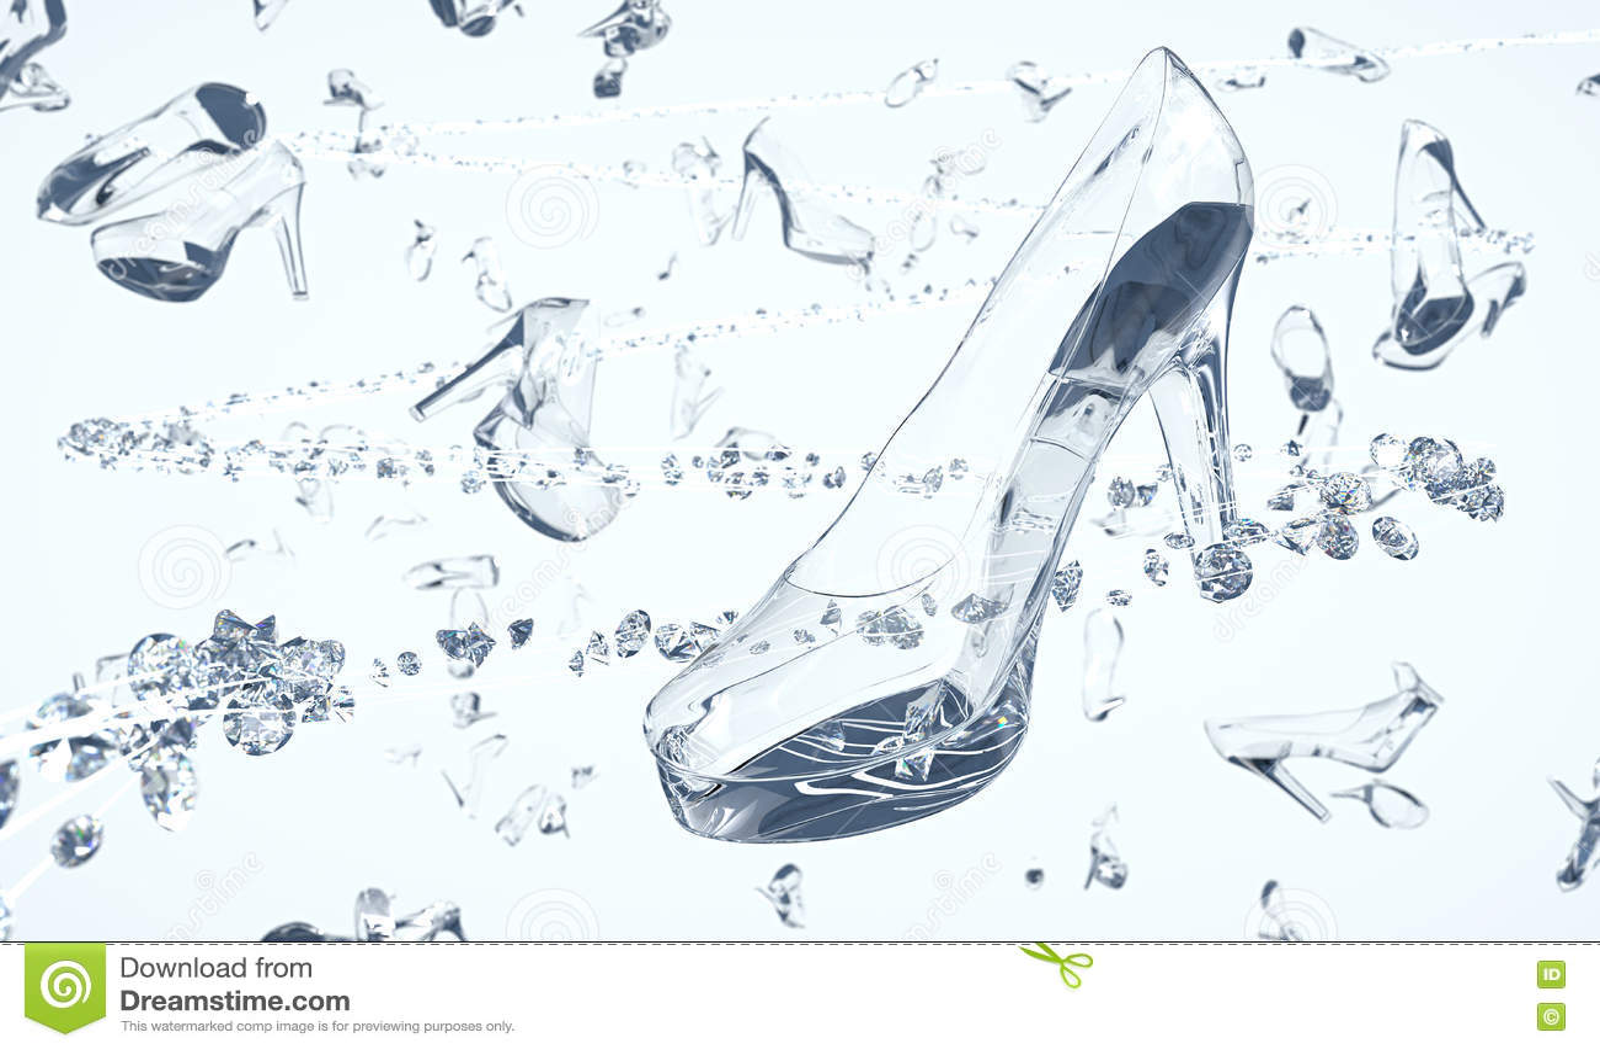 Zapatos Hechos Del Vidrio Y De Los Diamantes Que Flotan En Espacio ... ee7aaa17b632